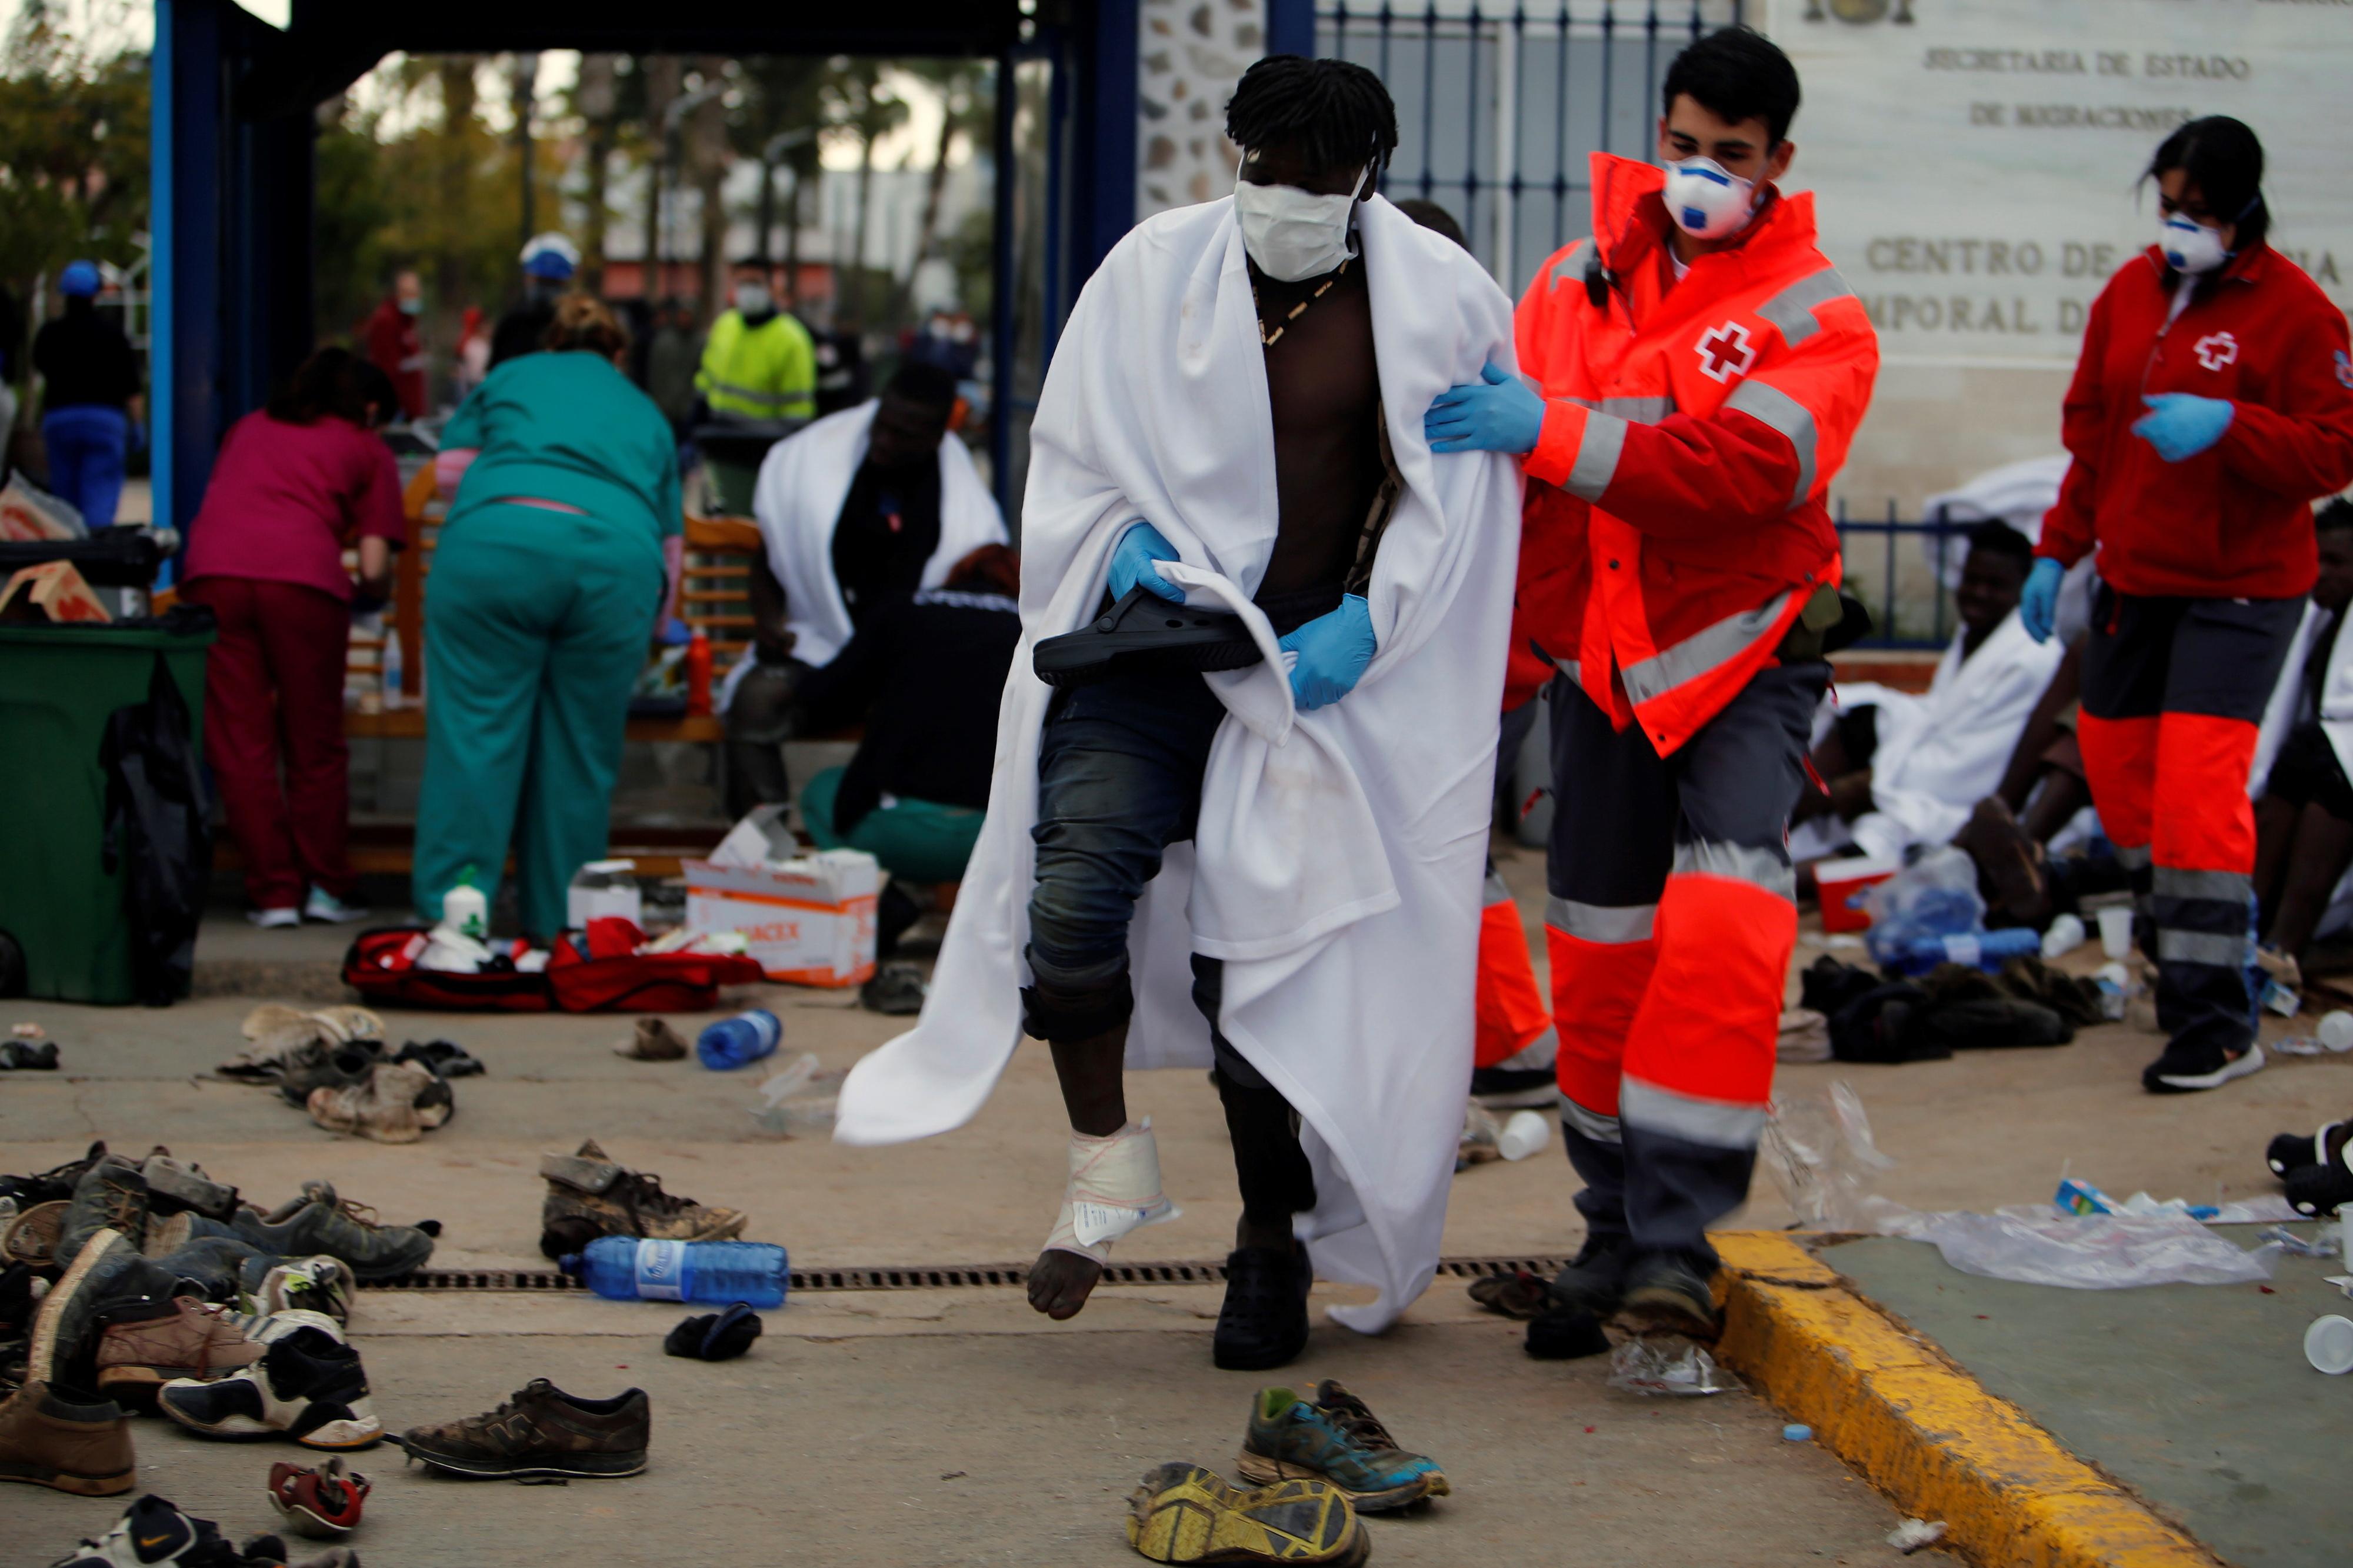 Dois moçambicanos linchados no Maláui após serem acusados de ter a doença